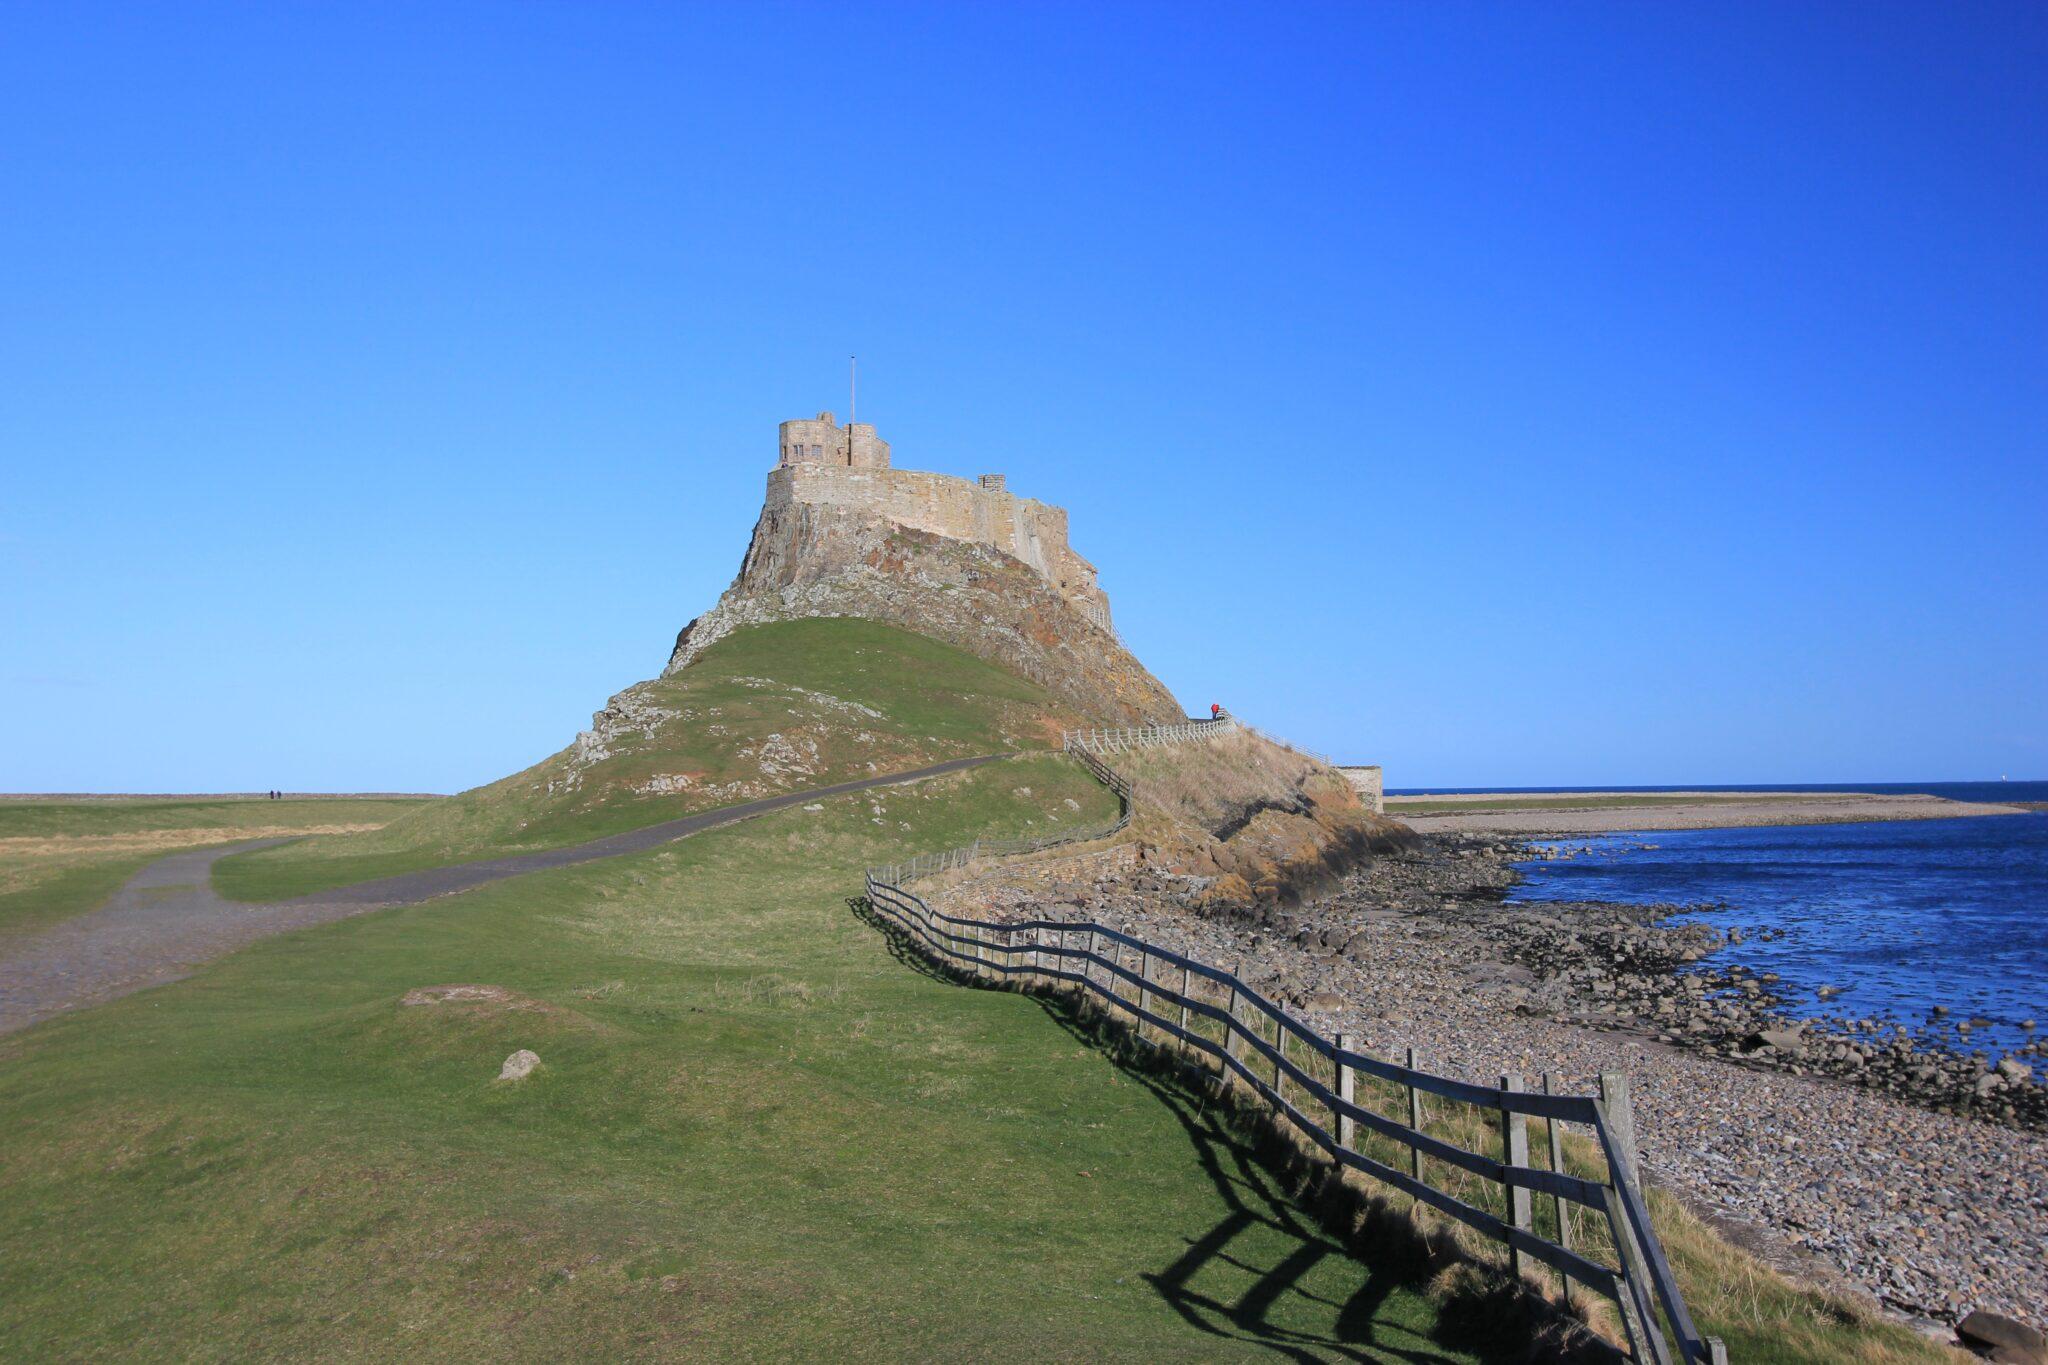 8 juin 793 : les Vikings lancent leur premier raid en Angleterre